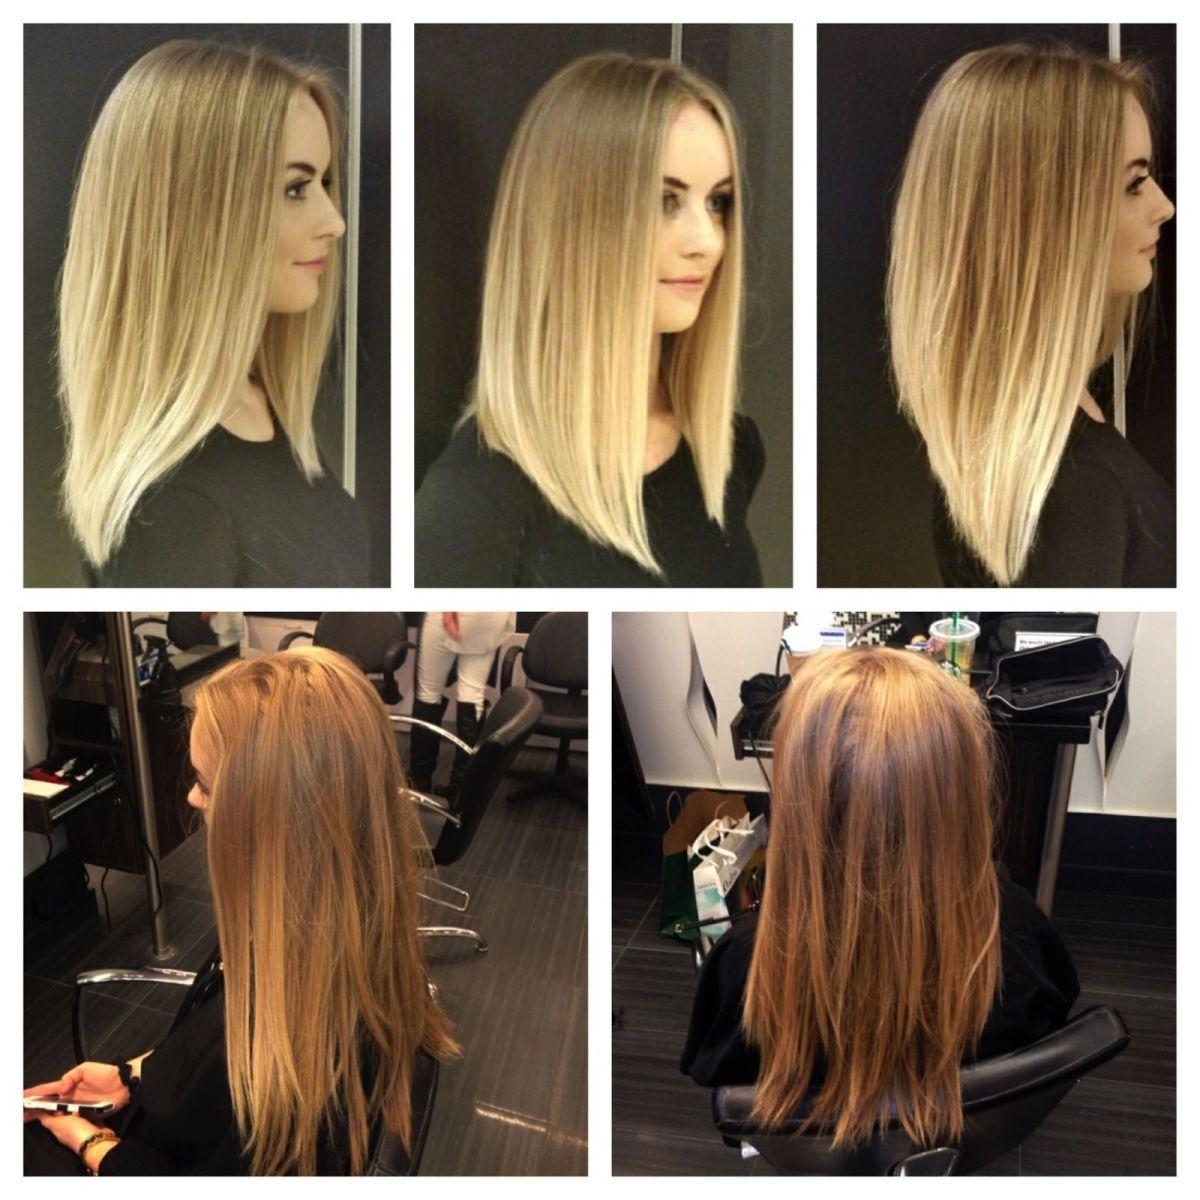 Pin By Zdenka Tillova On Blonat Vlasy Pinterest Bobs Hair